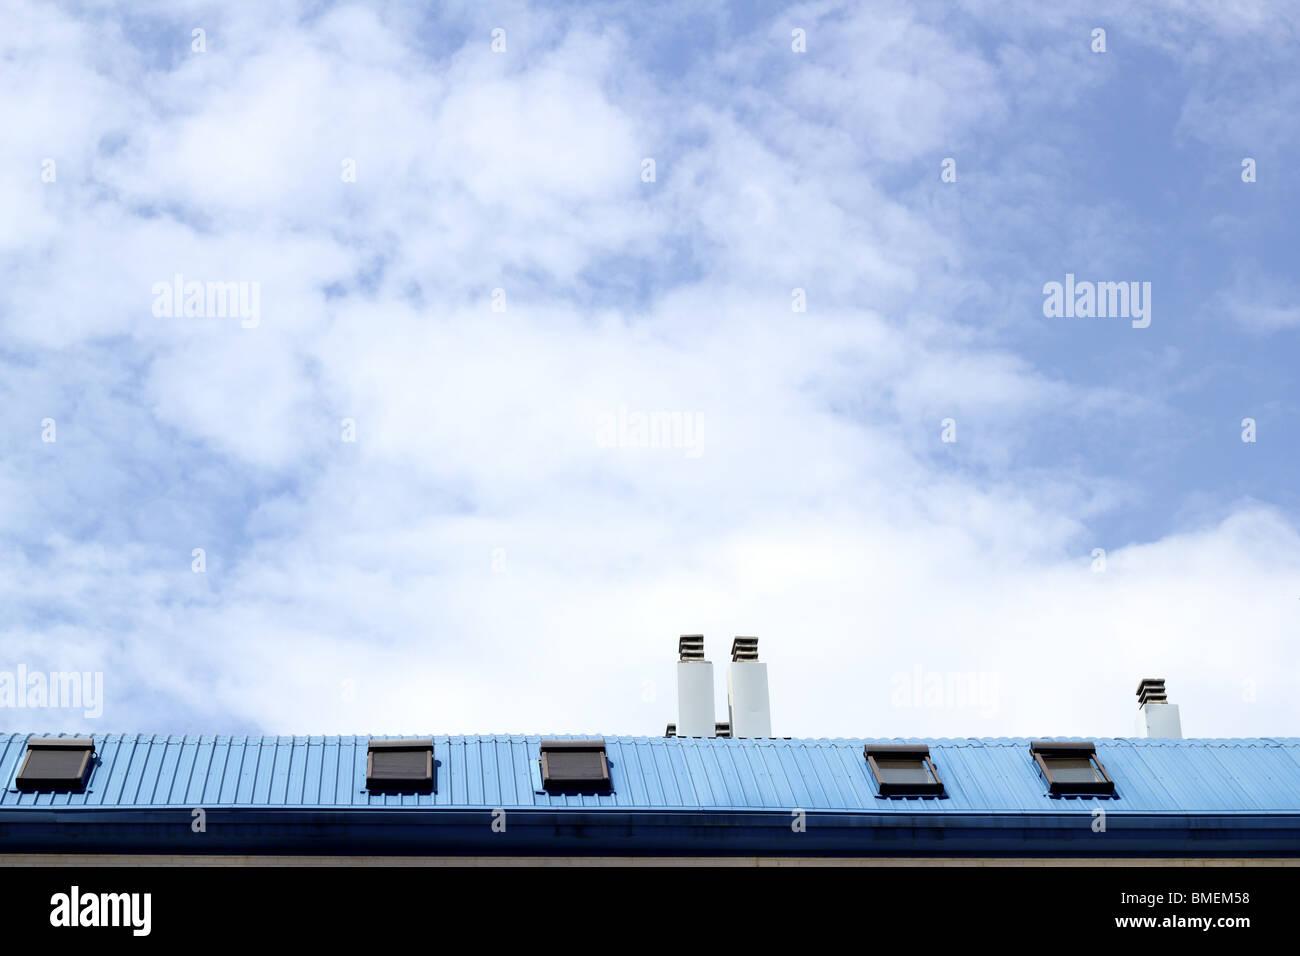 Acier peint bleu lucarne de toit cheminée ciel nuages Photo Stock